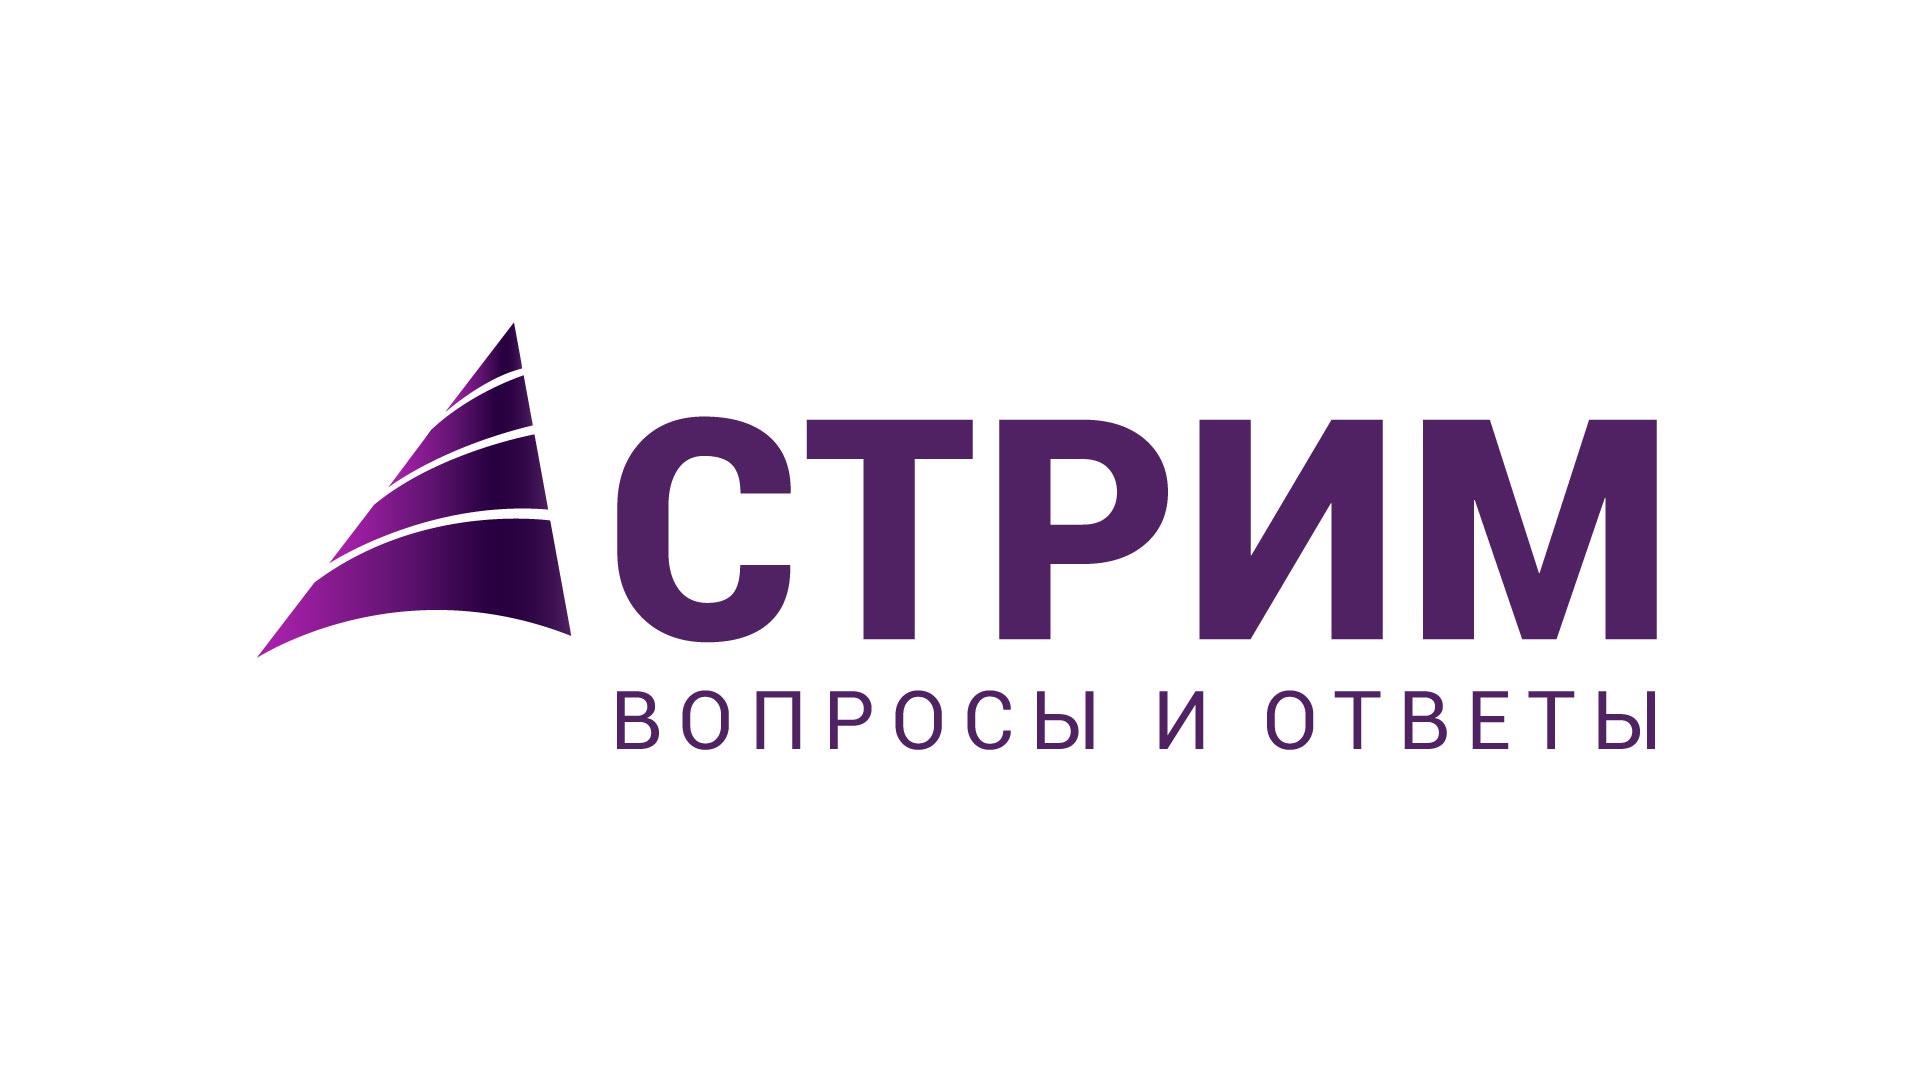 Создание концепции заставки и логотипа (телеканал) фото f_957566e82a32e642.jpg